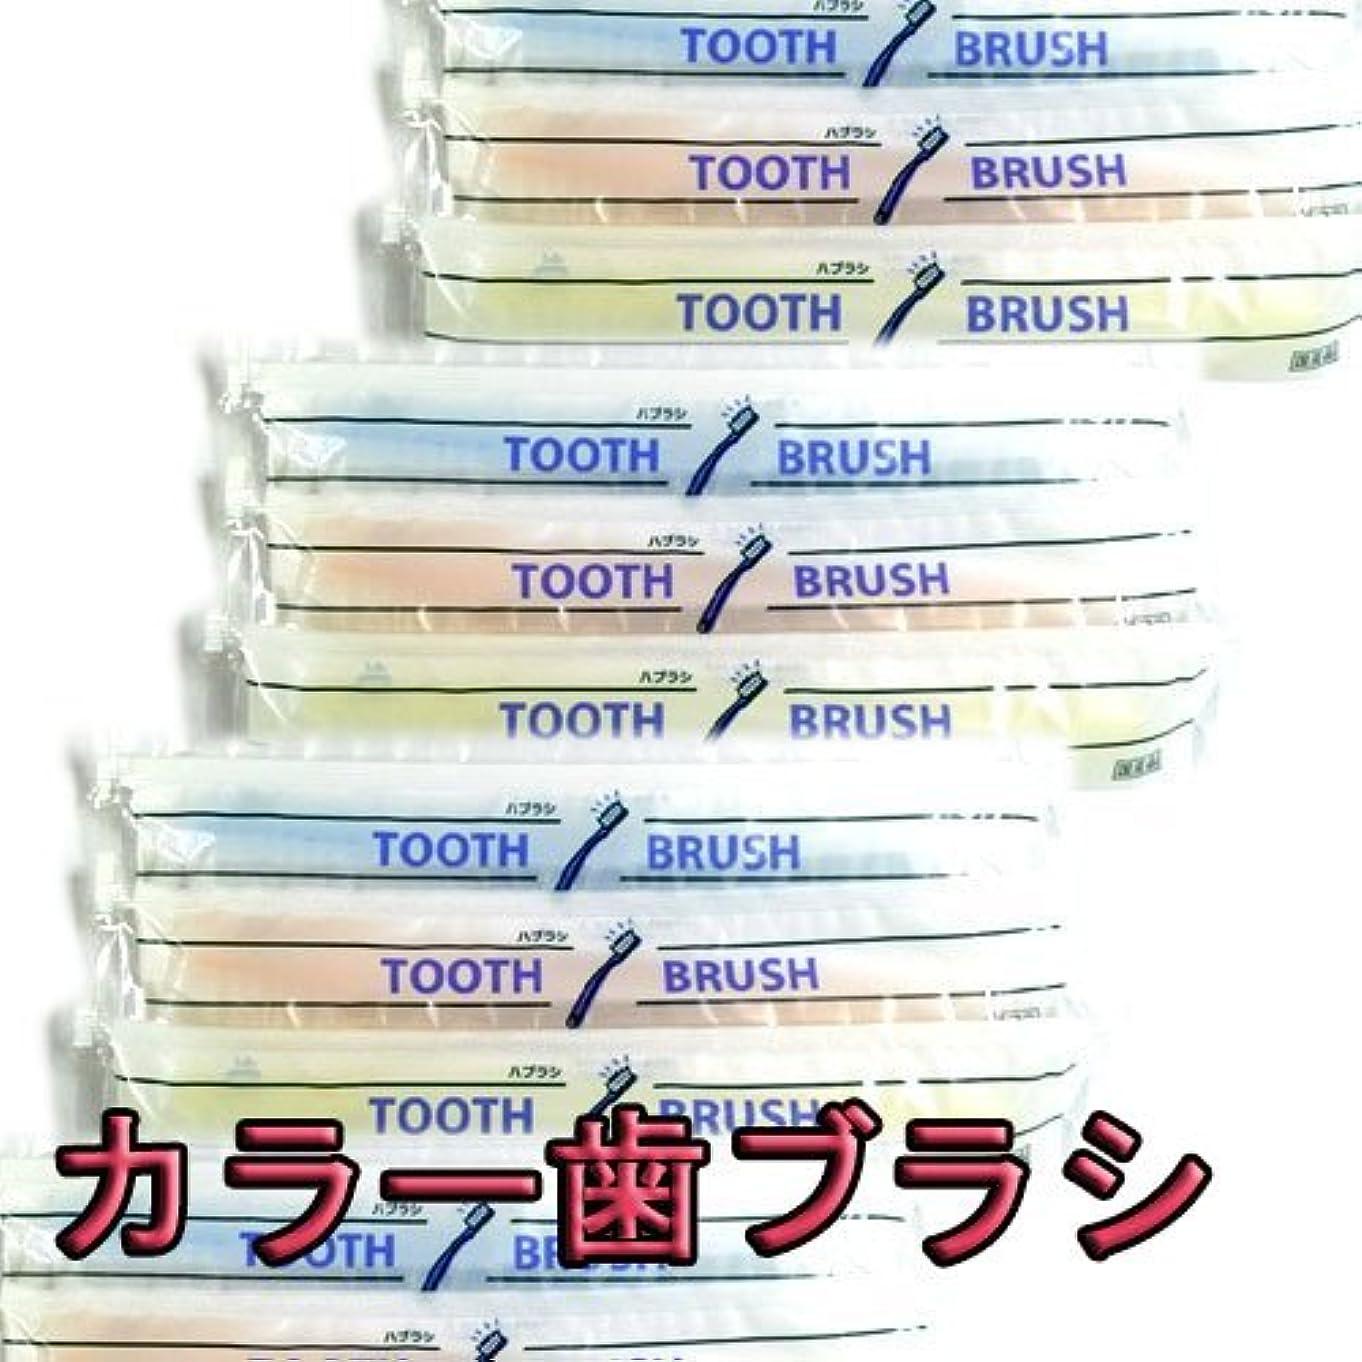 刈るテロ平らな使い捨て(インスタント) 粉付き歯ブラシ(10本組)(旅行用?お客様用に) 増量中 日本製